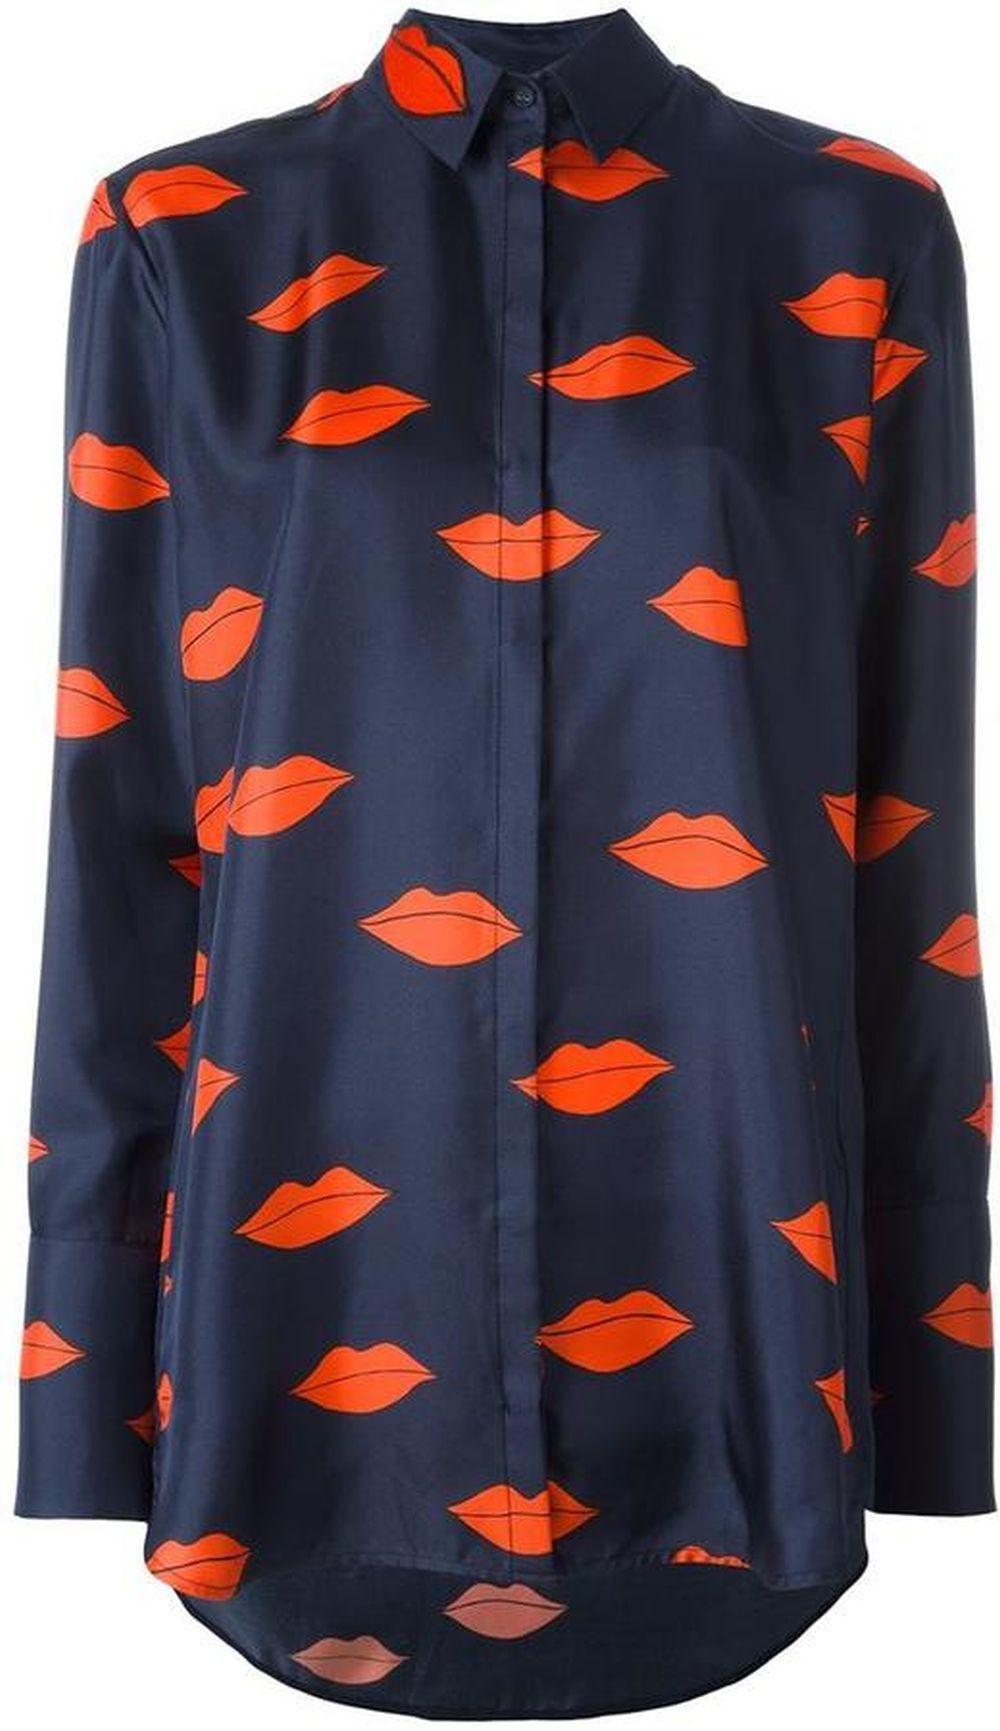 Camisa de Victoria Beckham vía Stylebop. 389 euros.